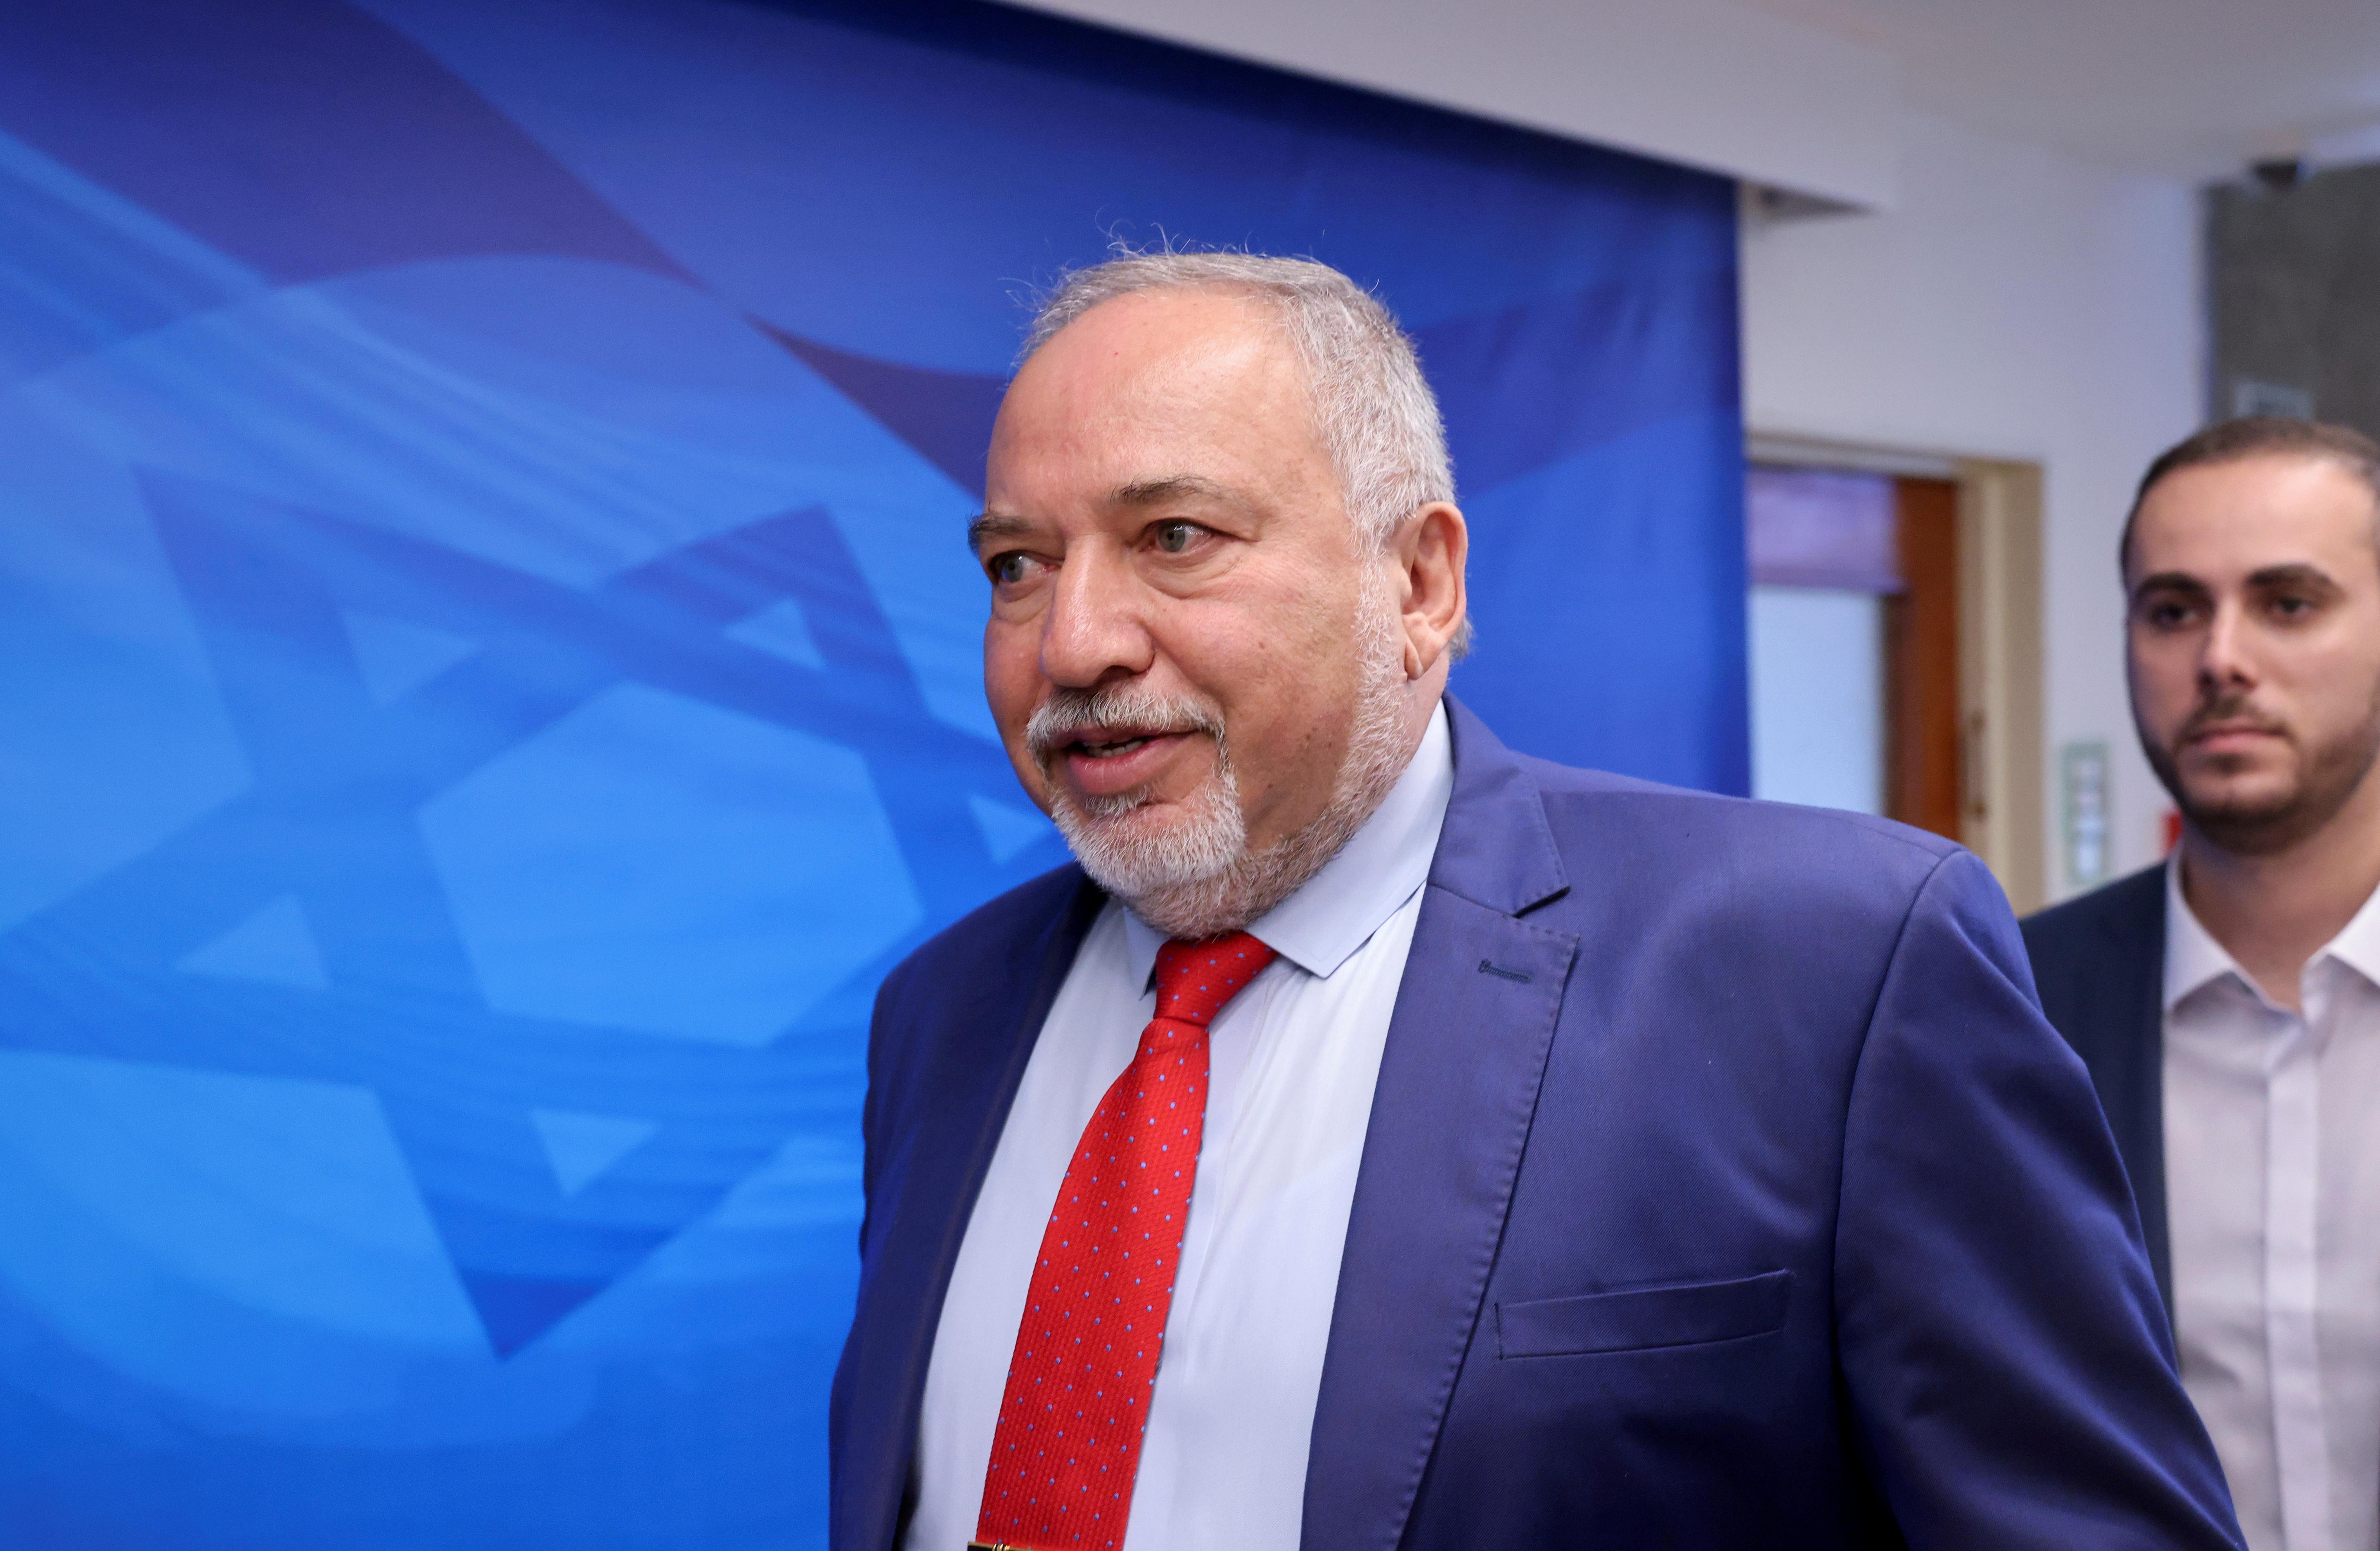 Israeli Finance Minister Avigdor Lieberman arrives for a cabinet meeting in Jerusalem, June 20, 2021. Emmanuel Dunand/Pool via REUTERS/File Photo